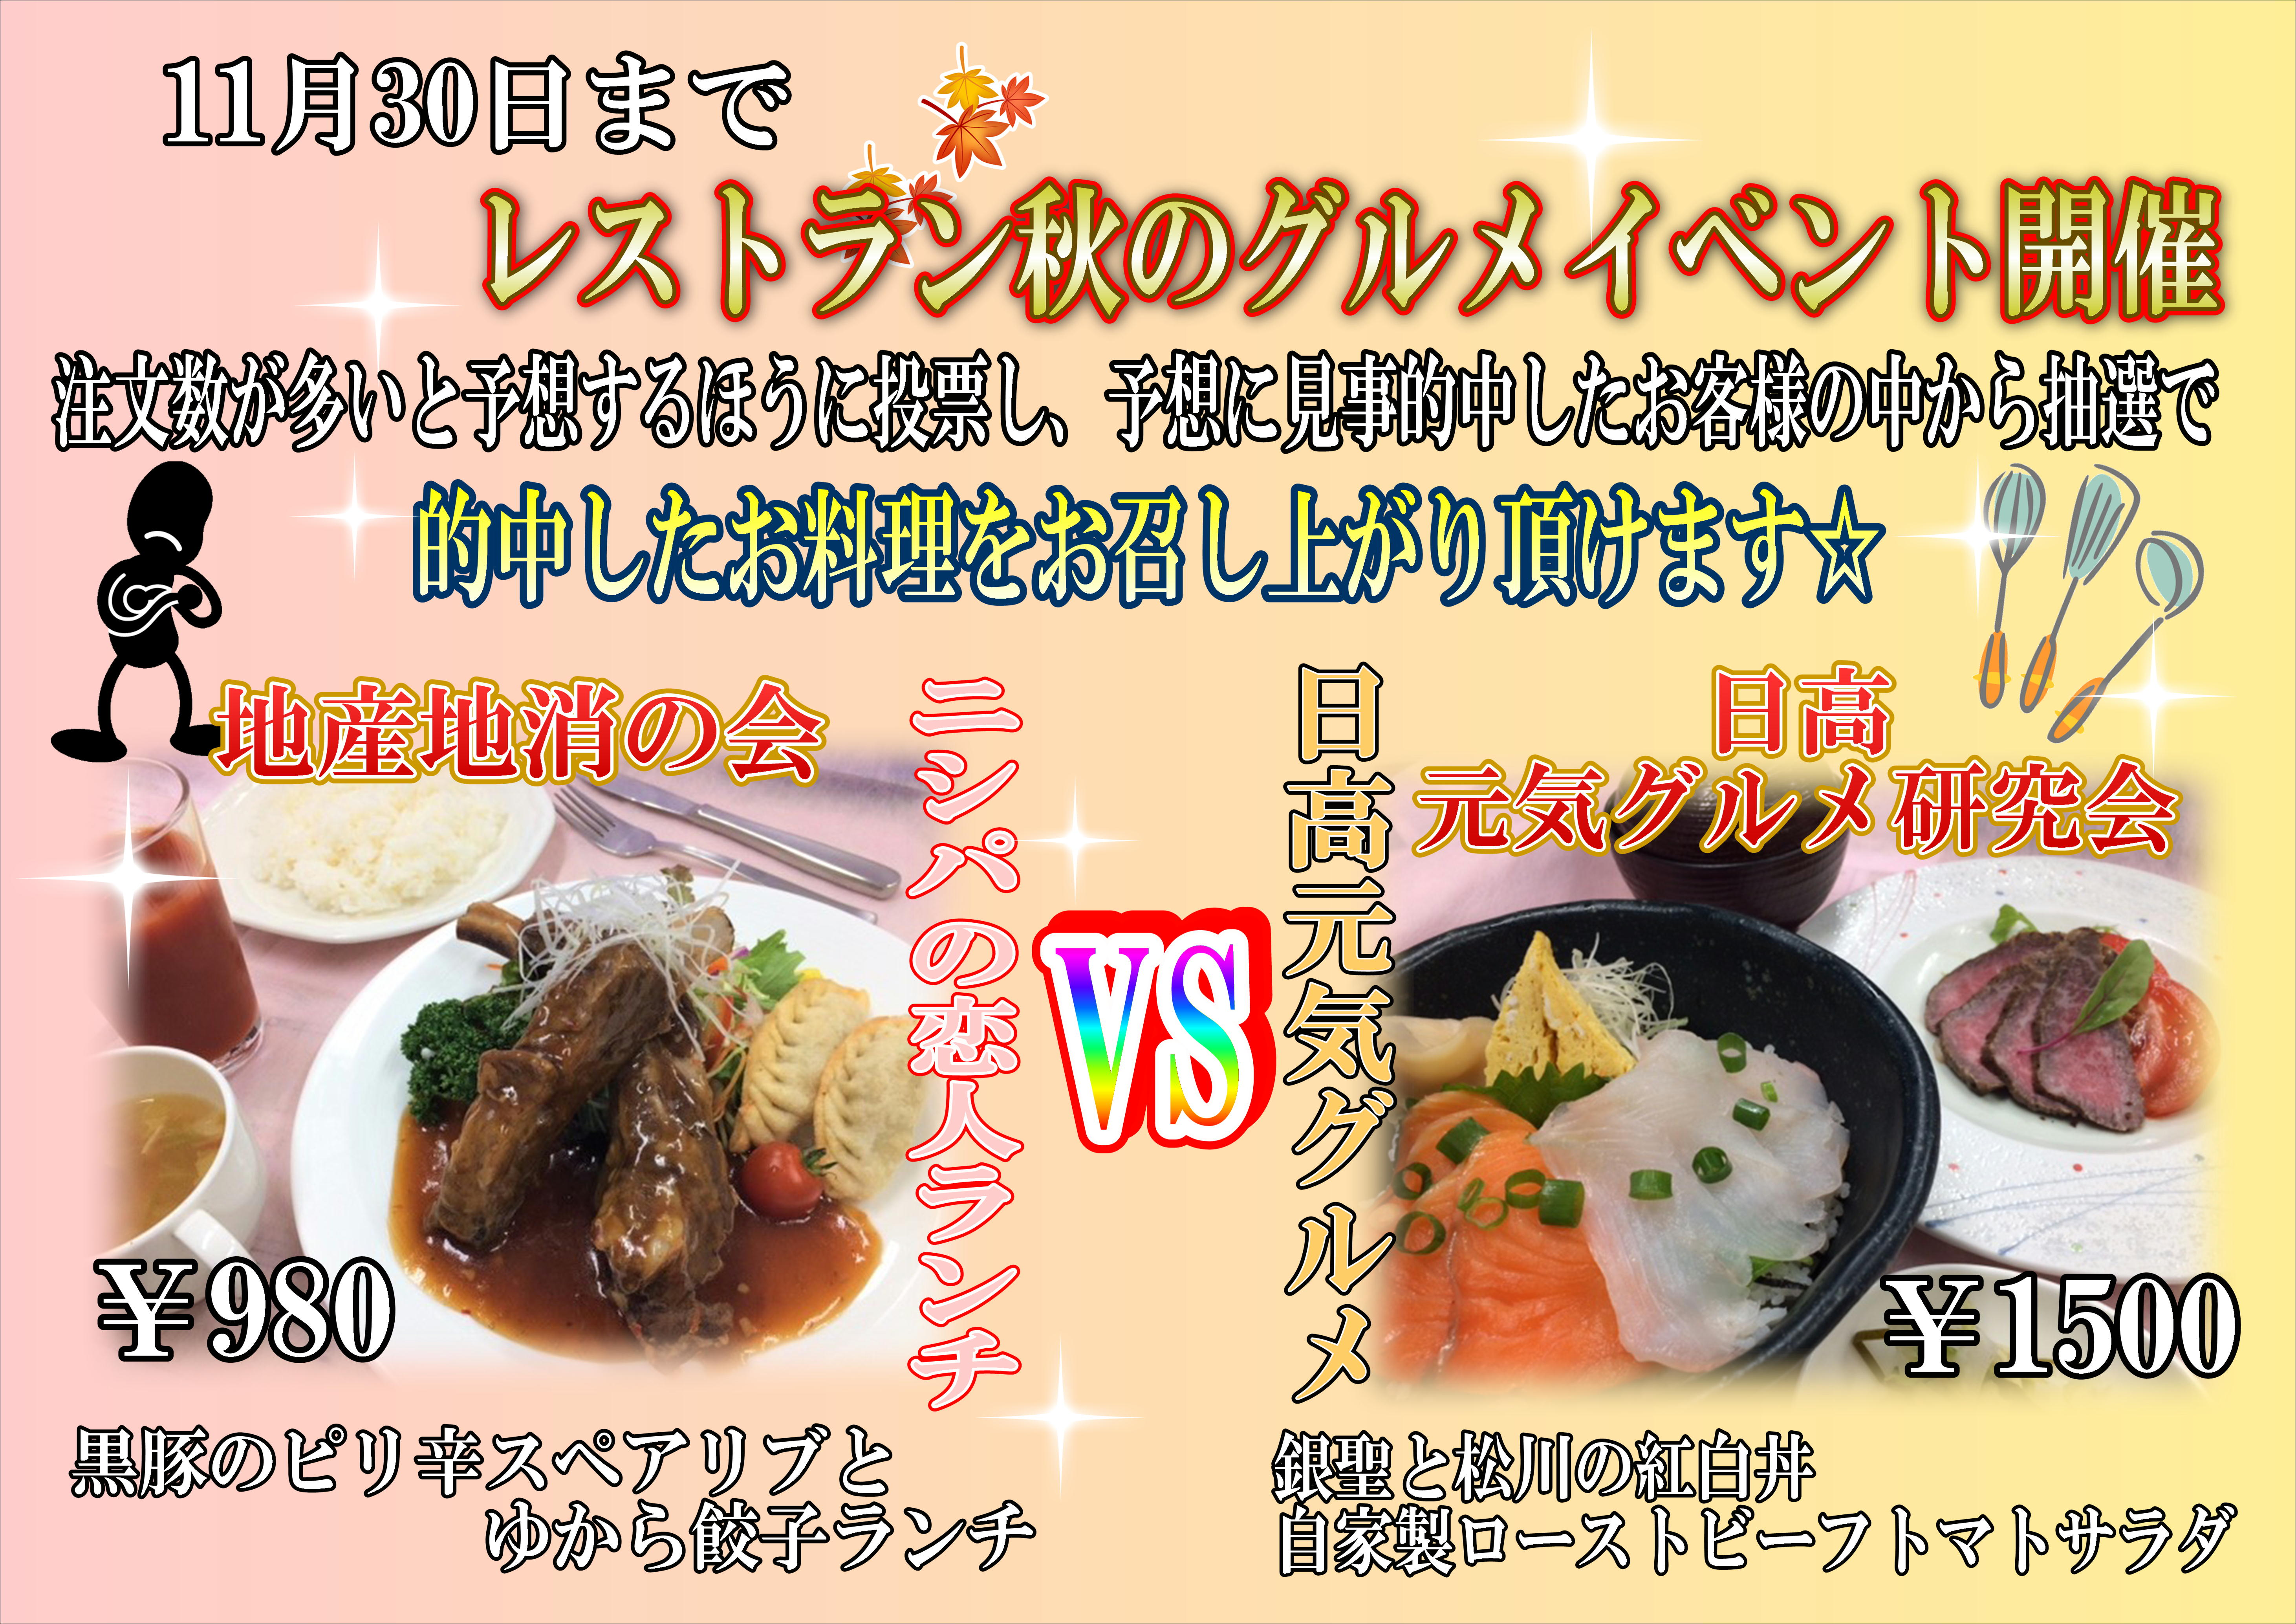 レストラン秋の料理対決 ポップ.JPEG